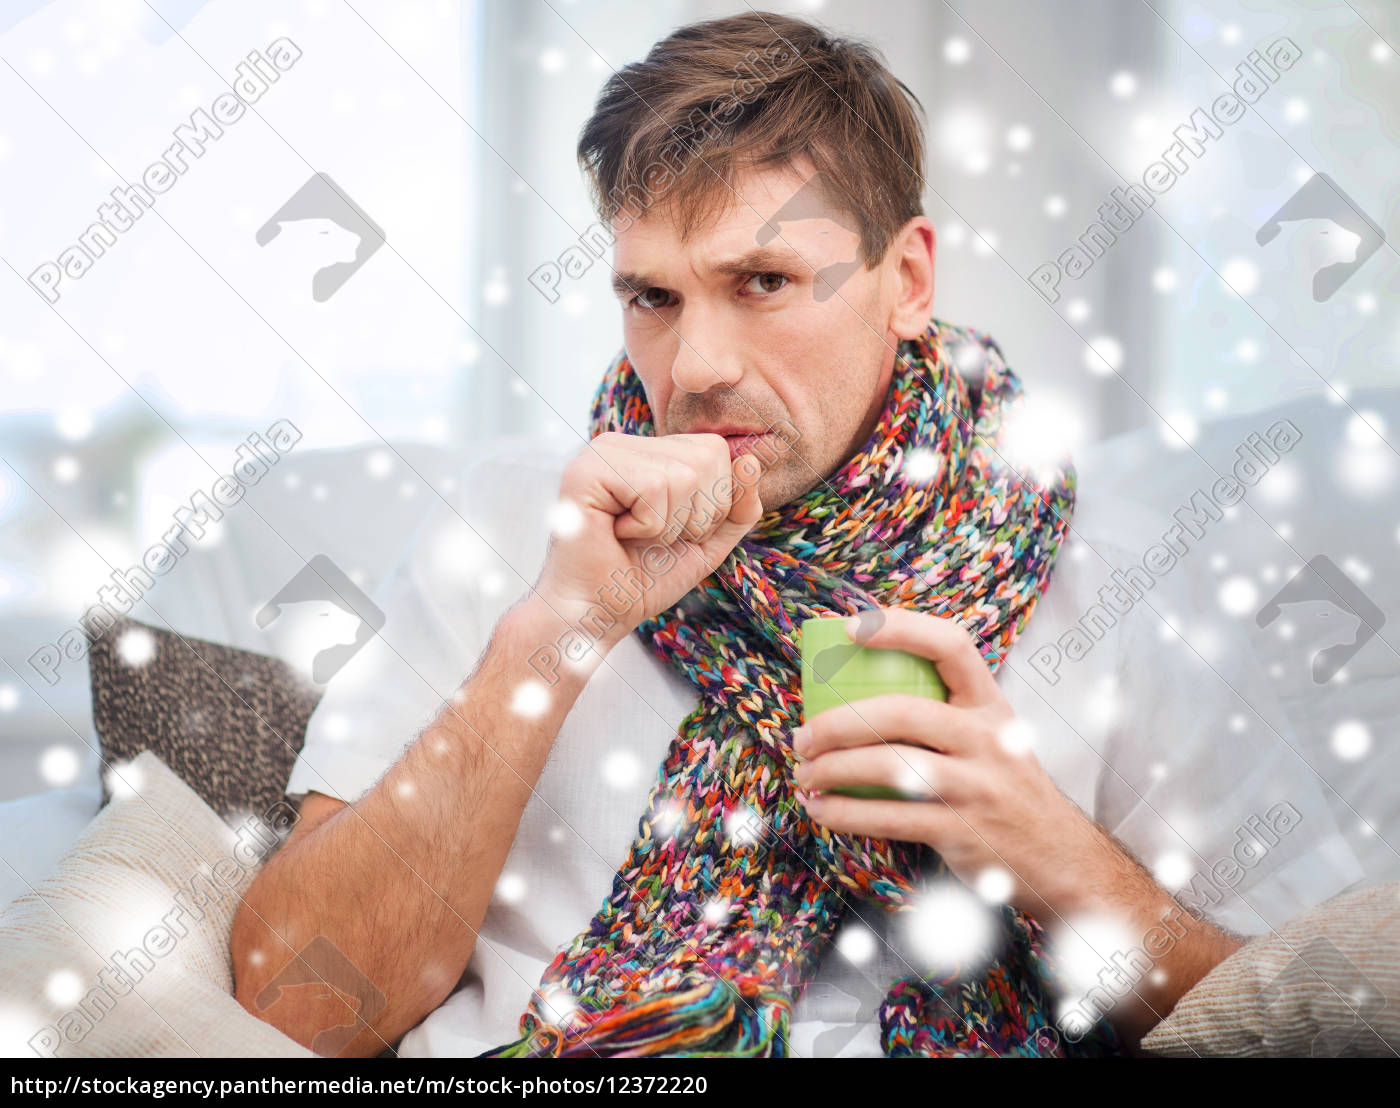 kranker mann mit grippe zu hause - Lizenzfreies Foto - #12372220 ...